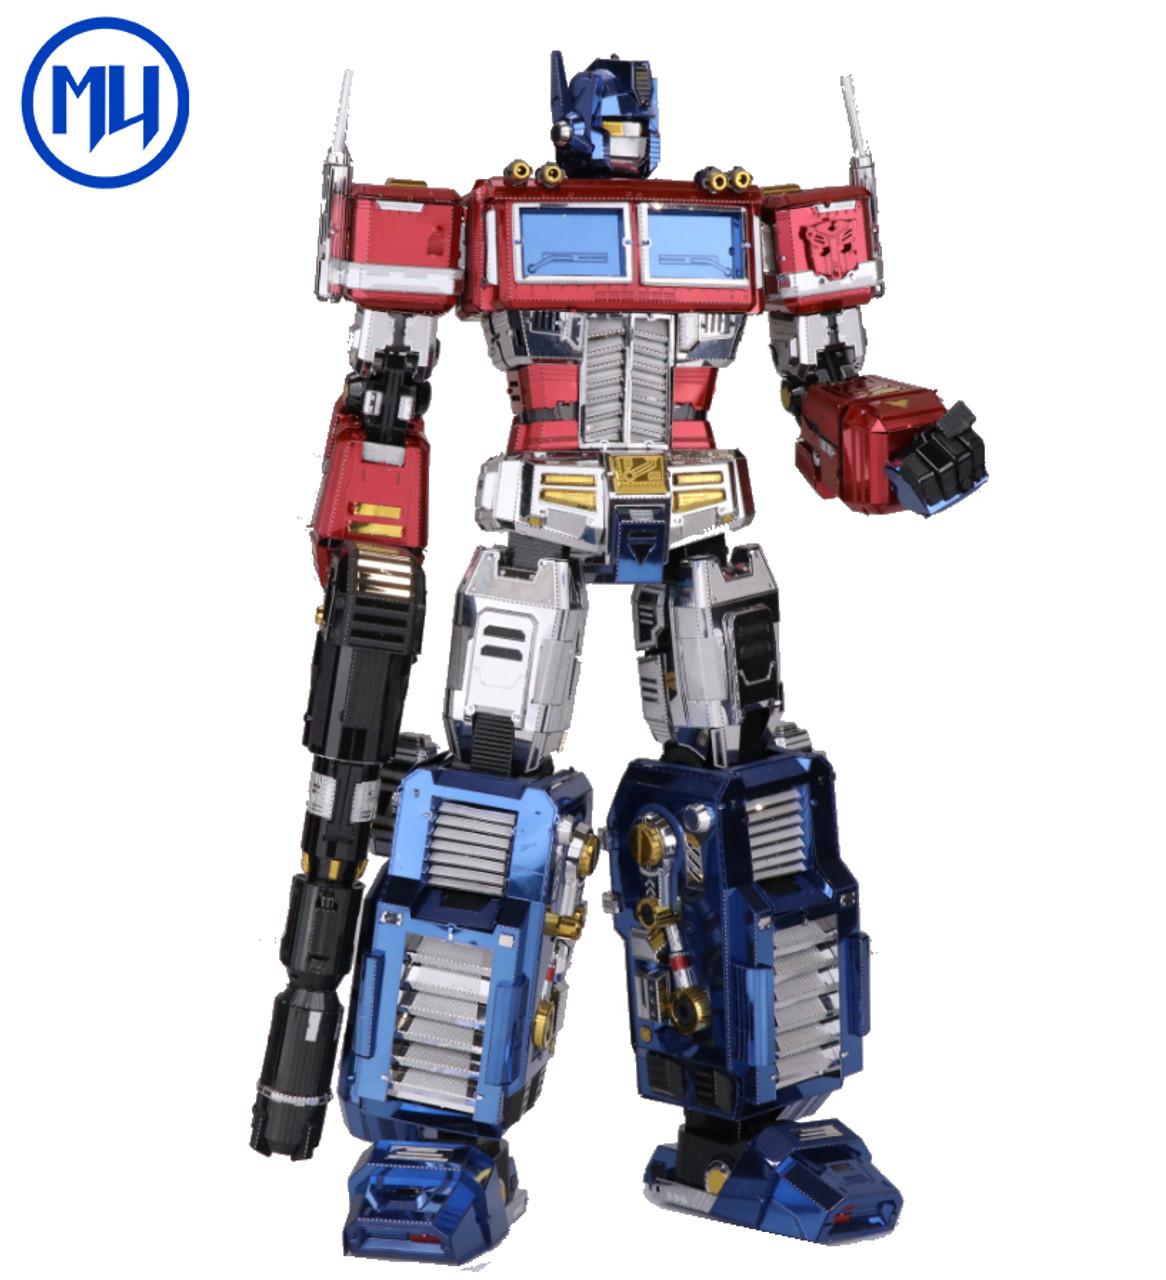 Transformers G1 Optimus Prime Full Color Diy Metal Model Kit Mu Model